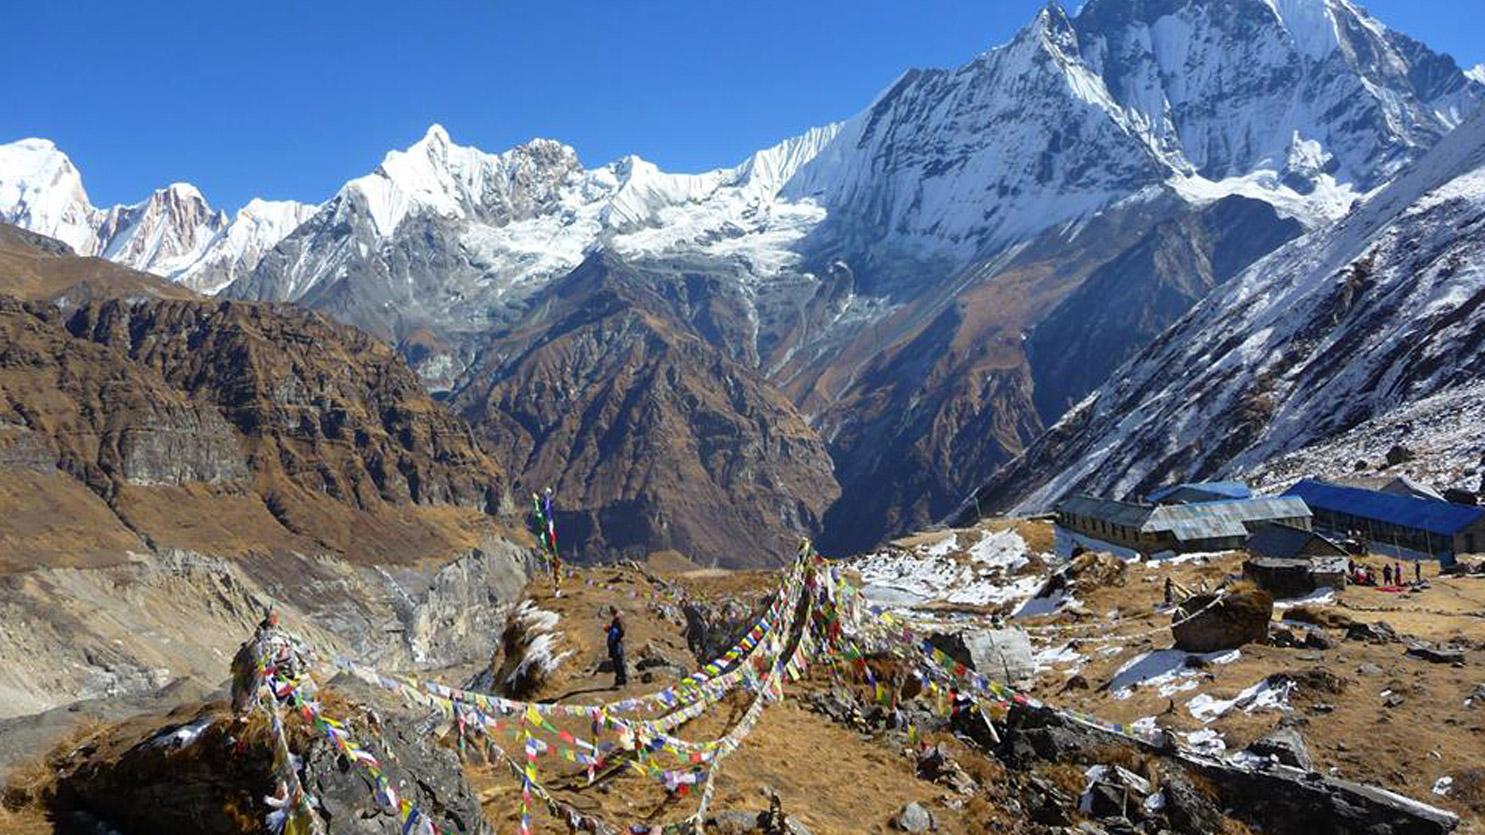 Drapeaux à prières au camp de base de l'Annapurna. Randonnée au Népal. Voyage sur mesure...